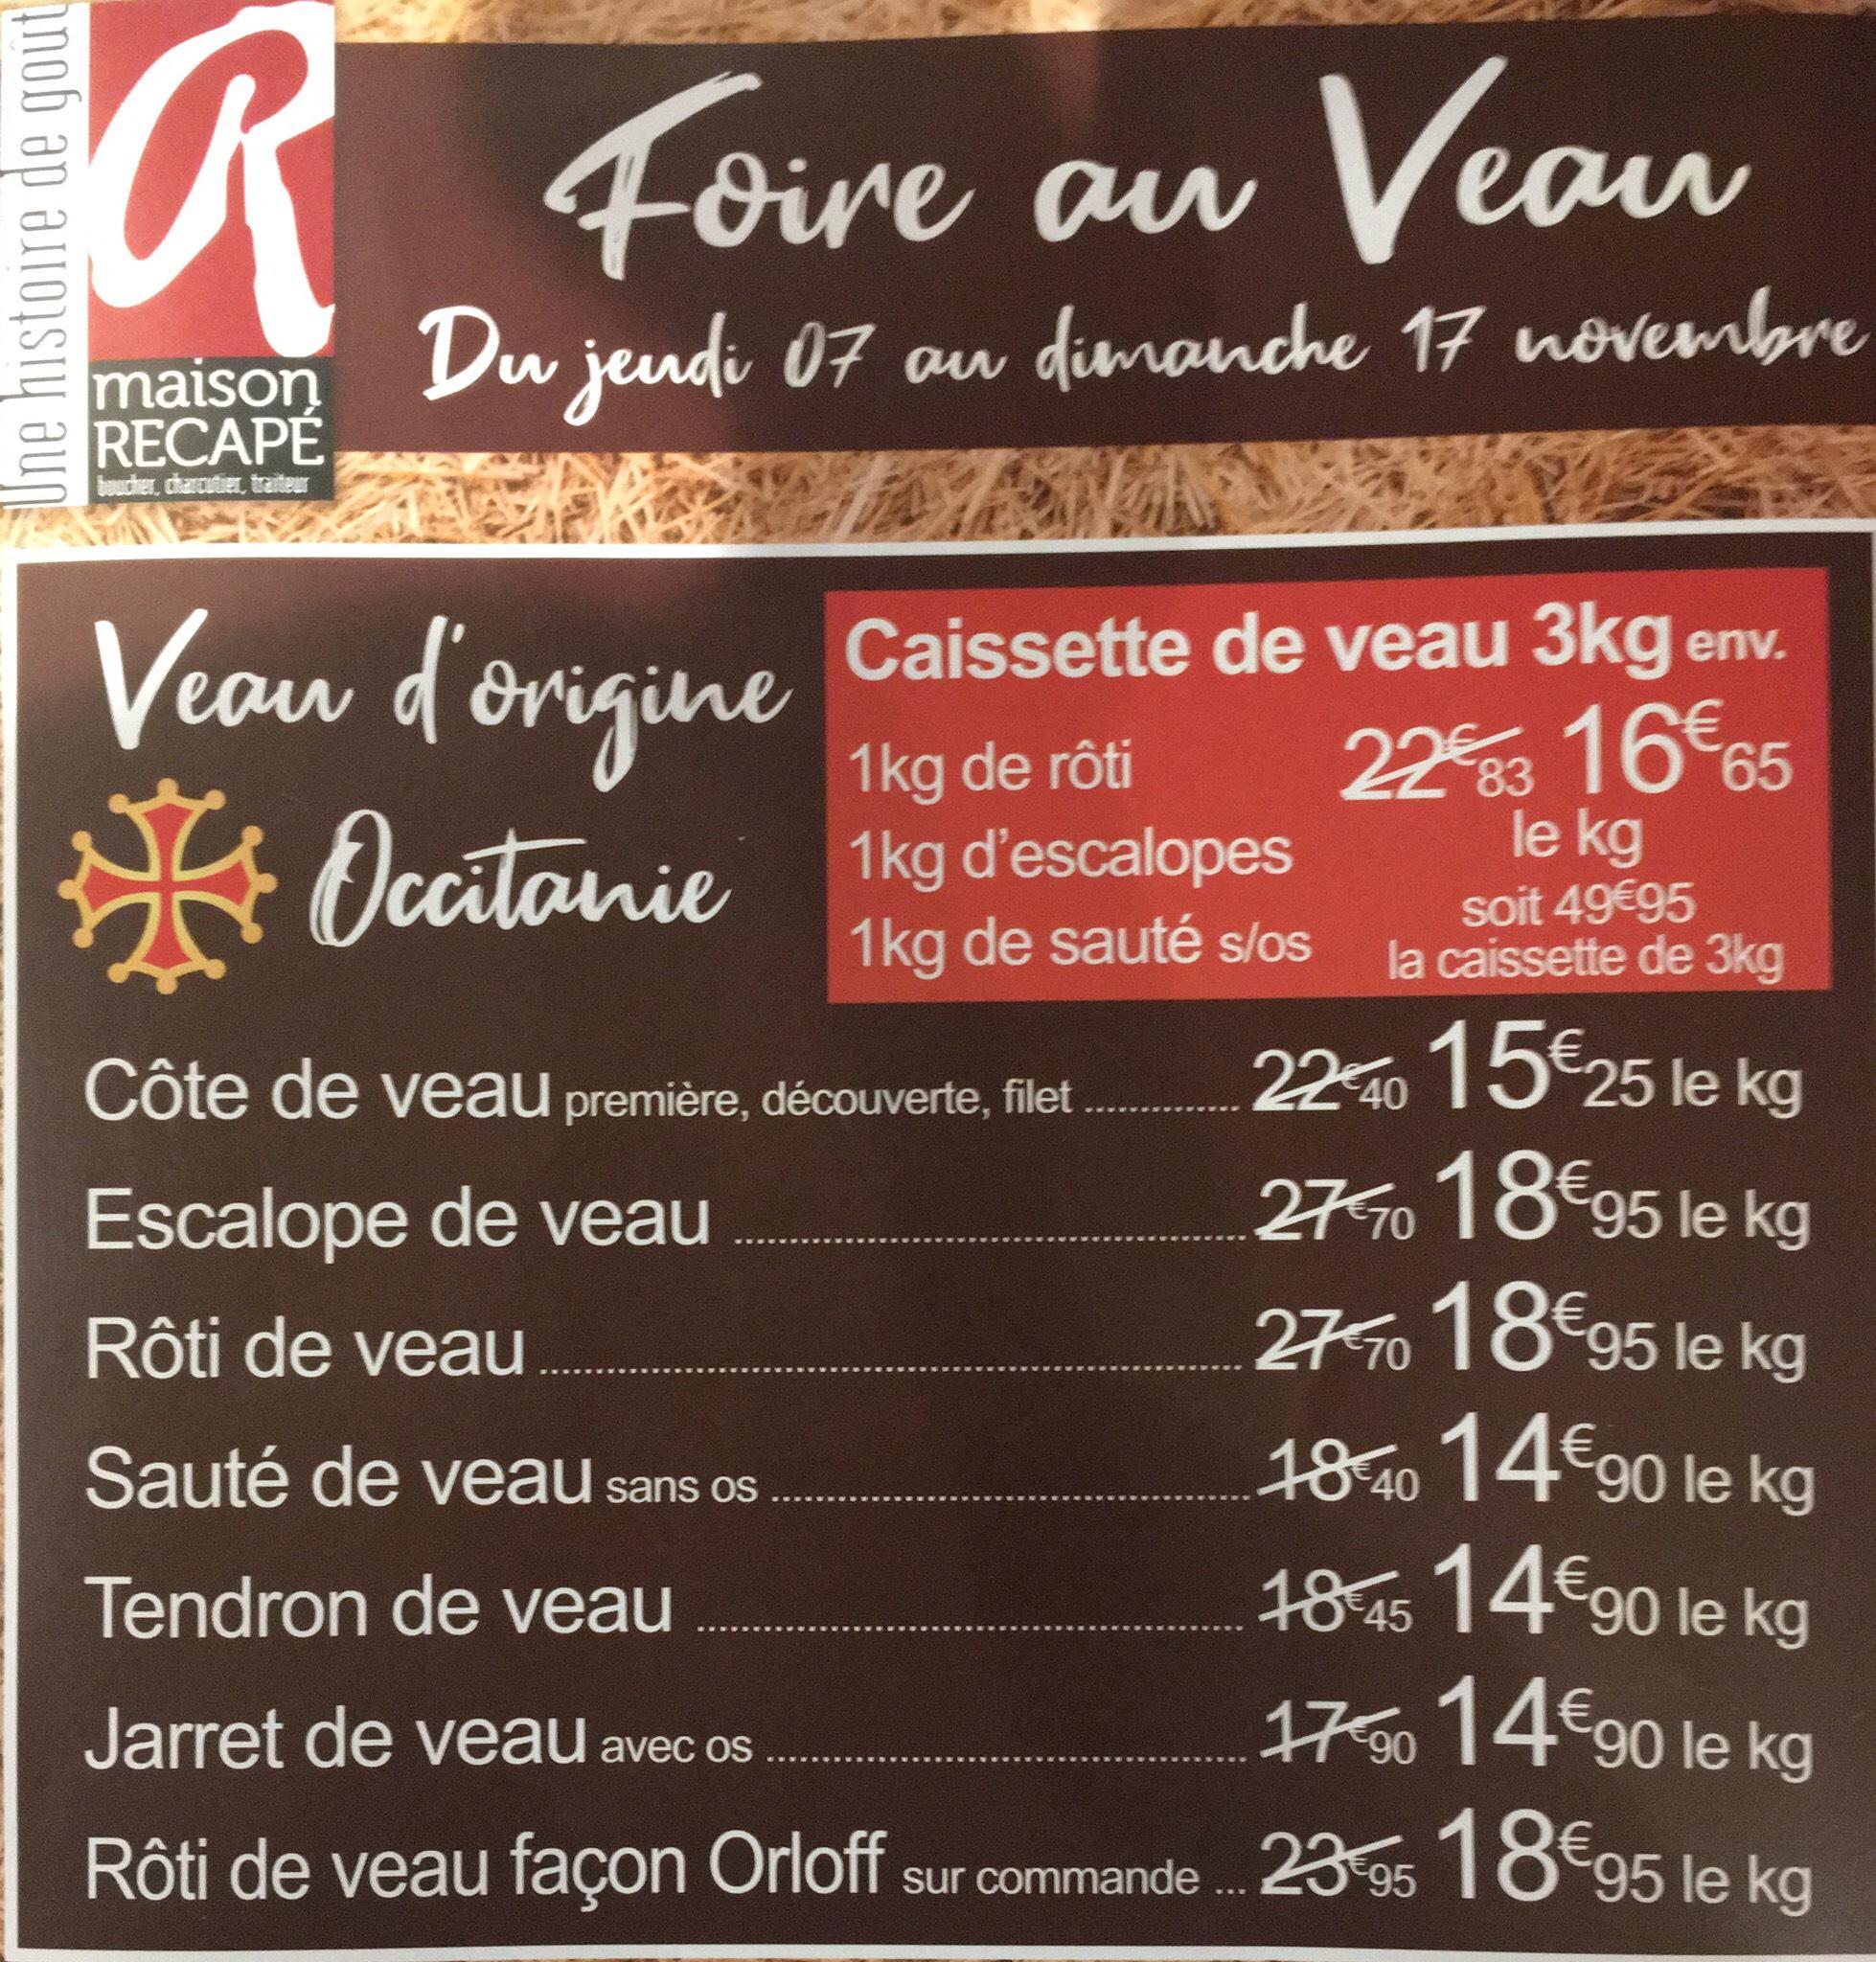 La foire au veau - Ex : Caissette de 3 kg de veau (recape.fr)